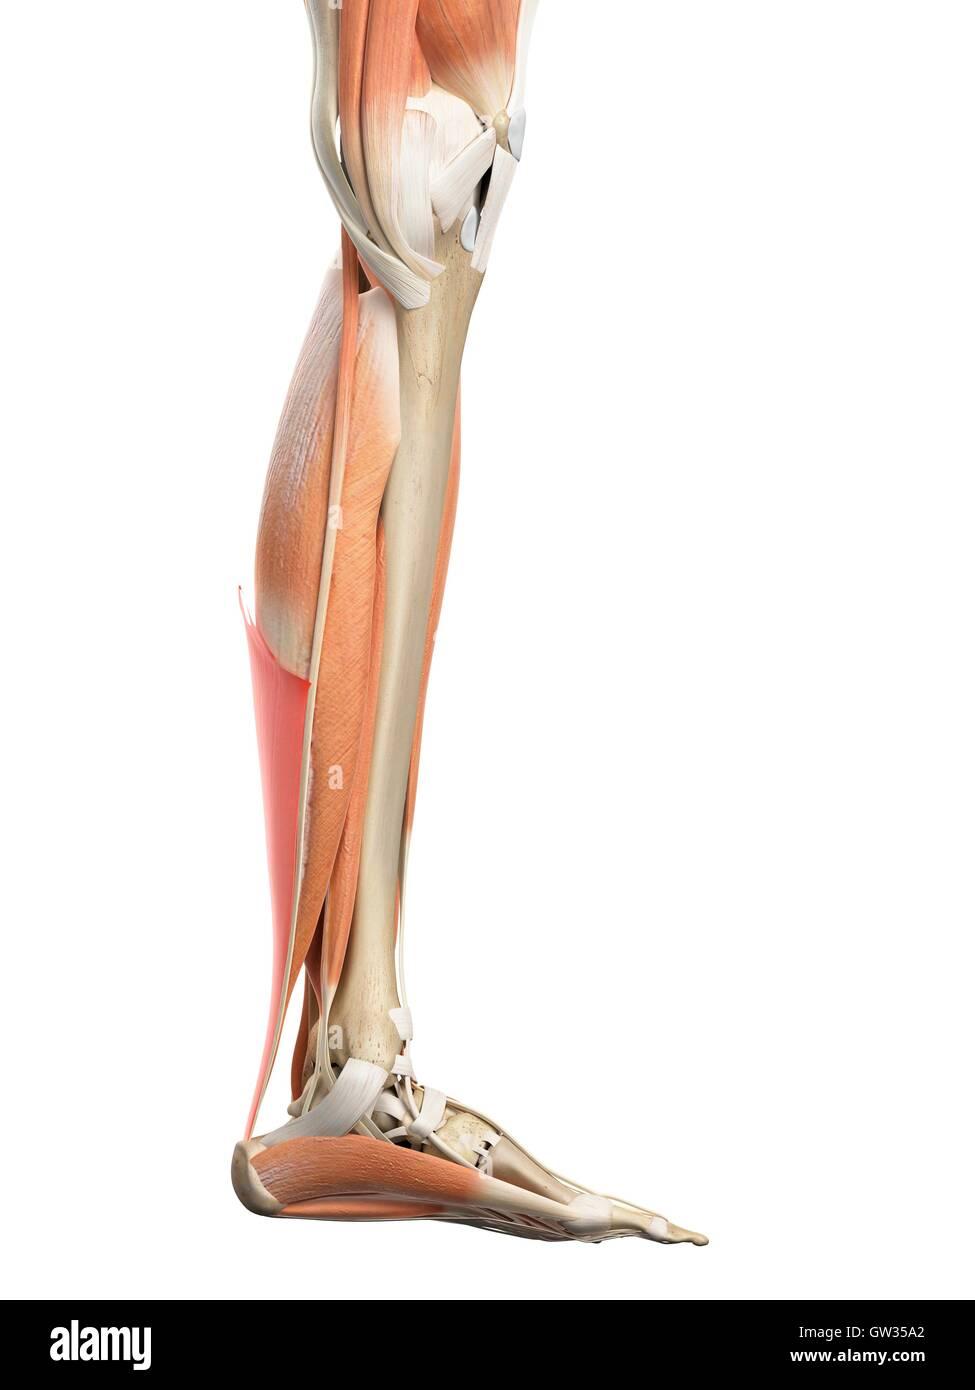 Menschliches Bein Sehne, Abbildung Stockfoto, Bild: 118698666 - Alamy